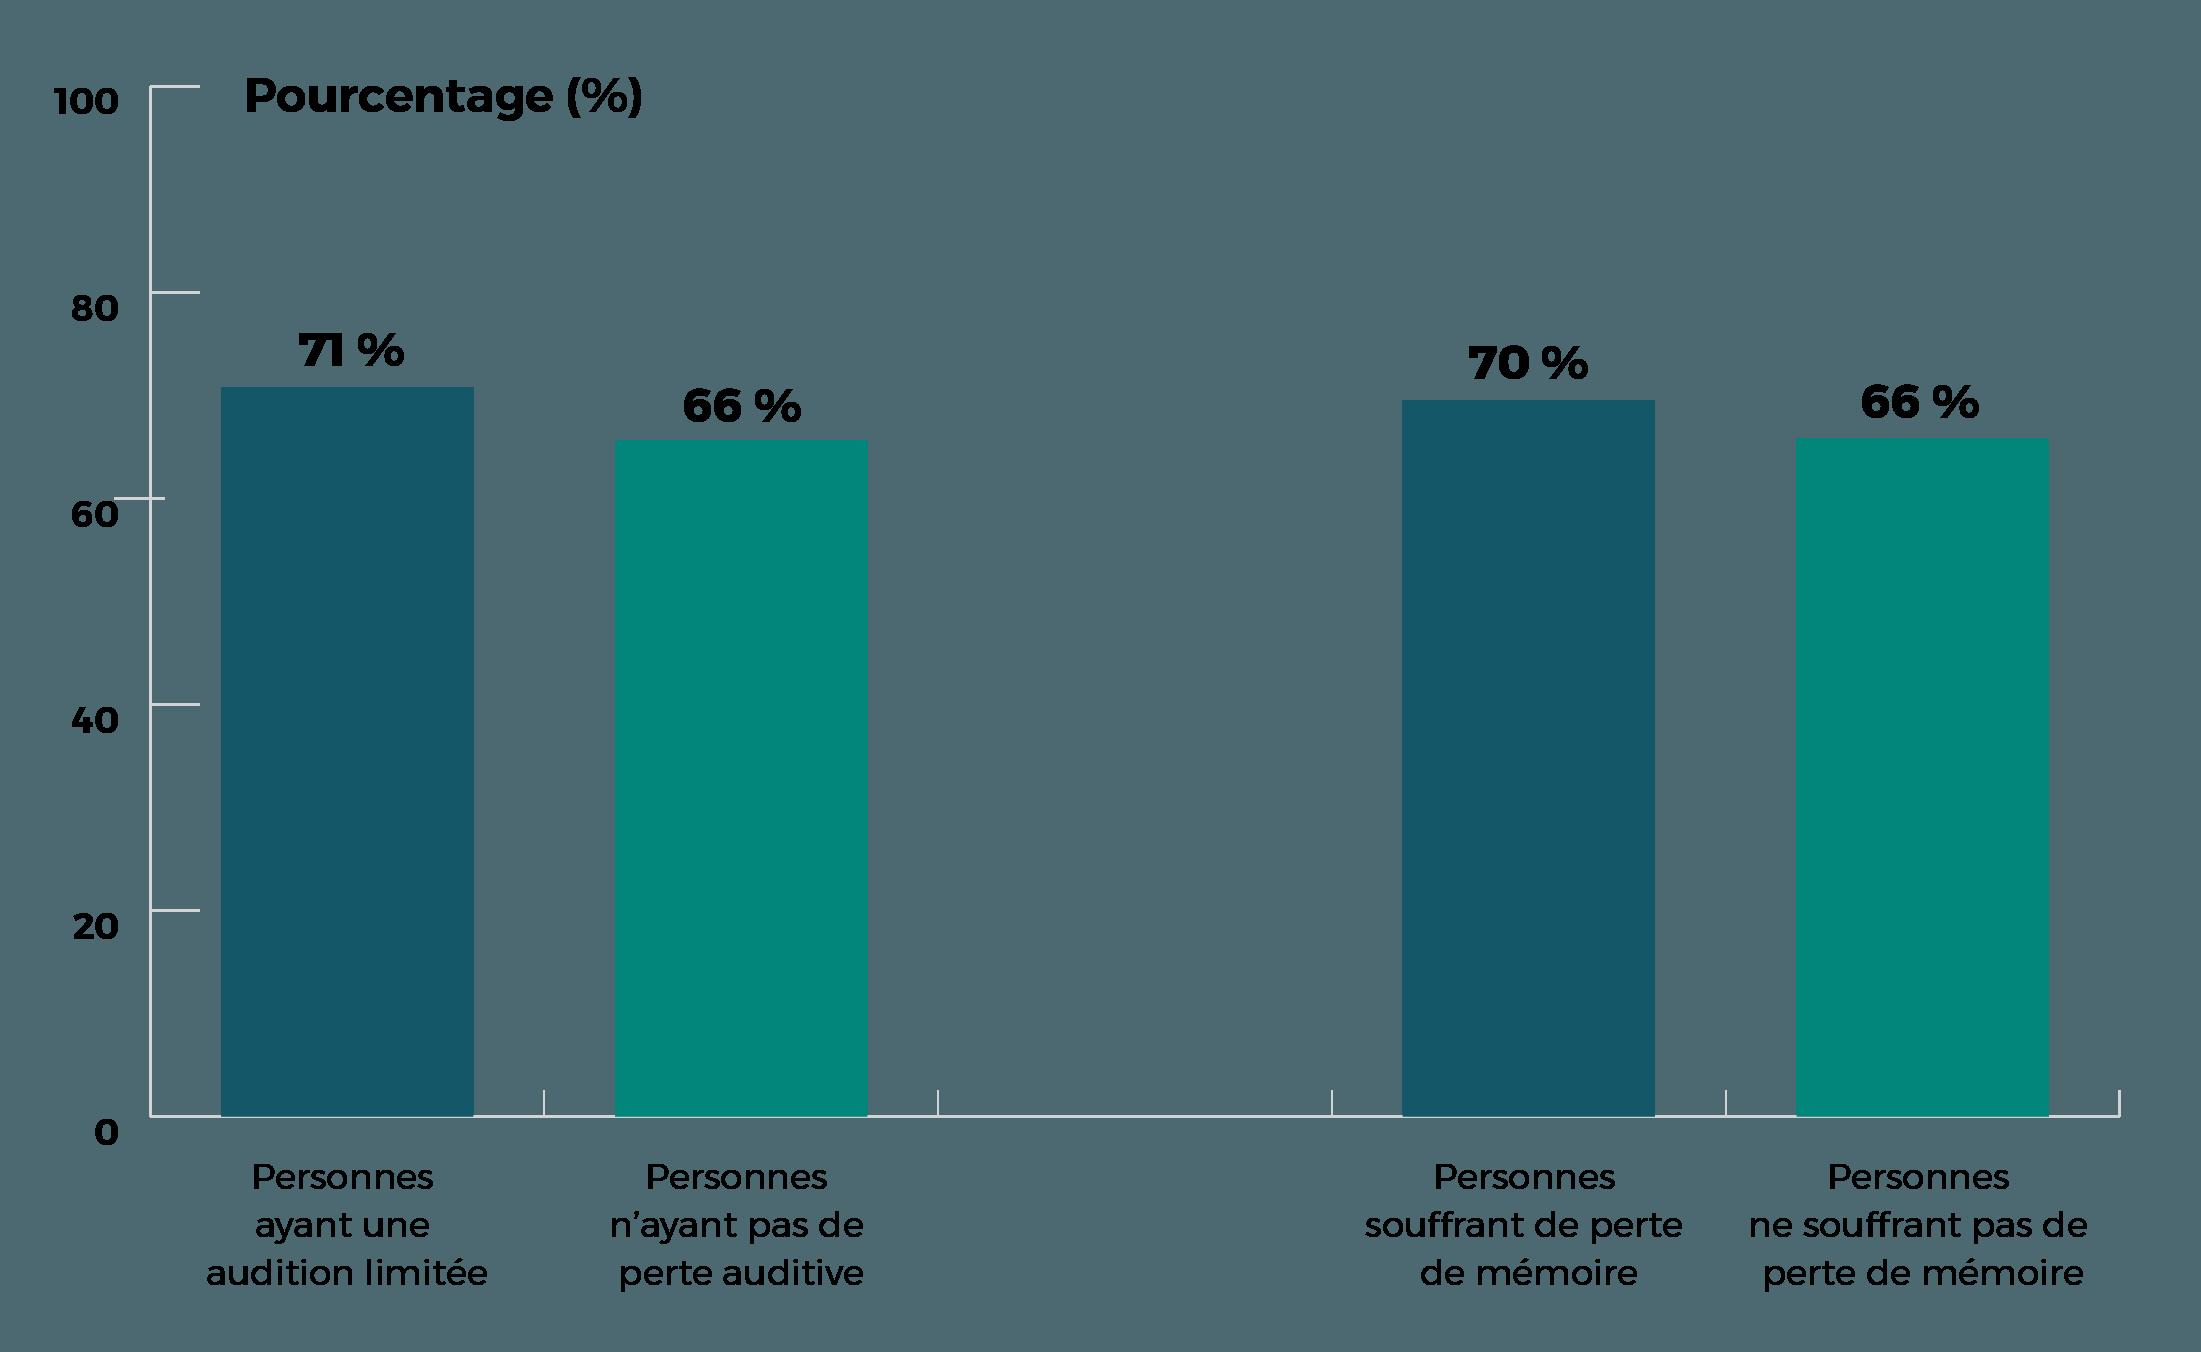 Audition limitée, taux dépistage 71%, audition normale, 66%. Perte mémoire 70%, memoire normale 66%